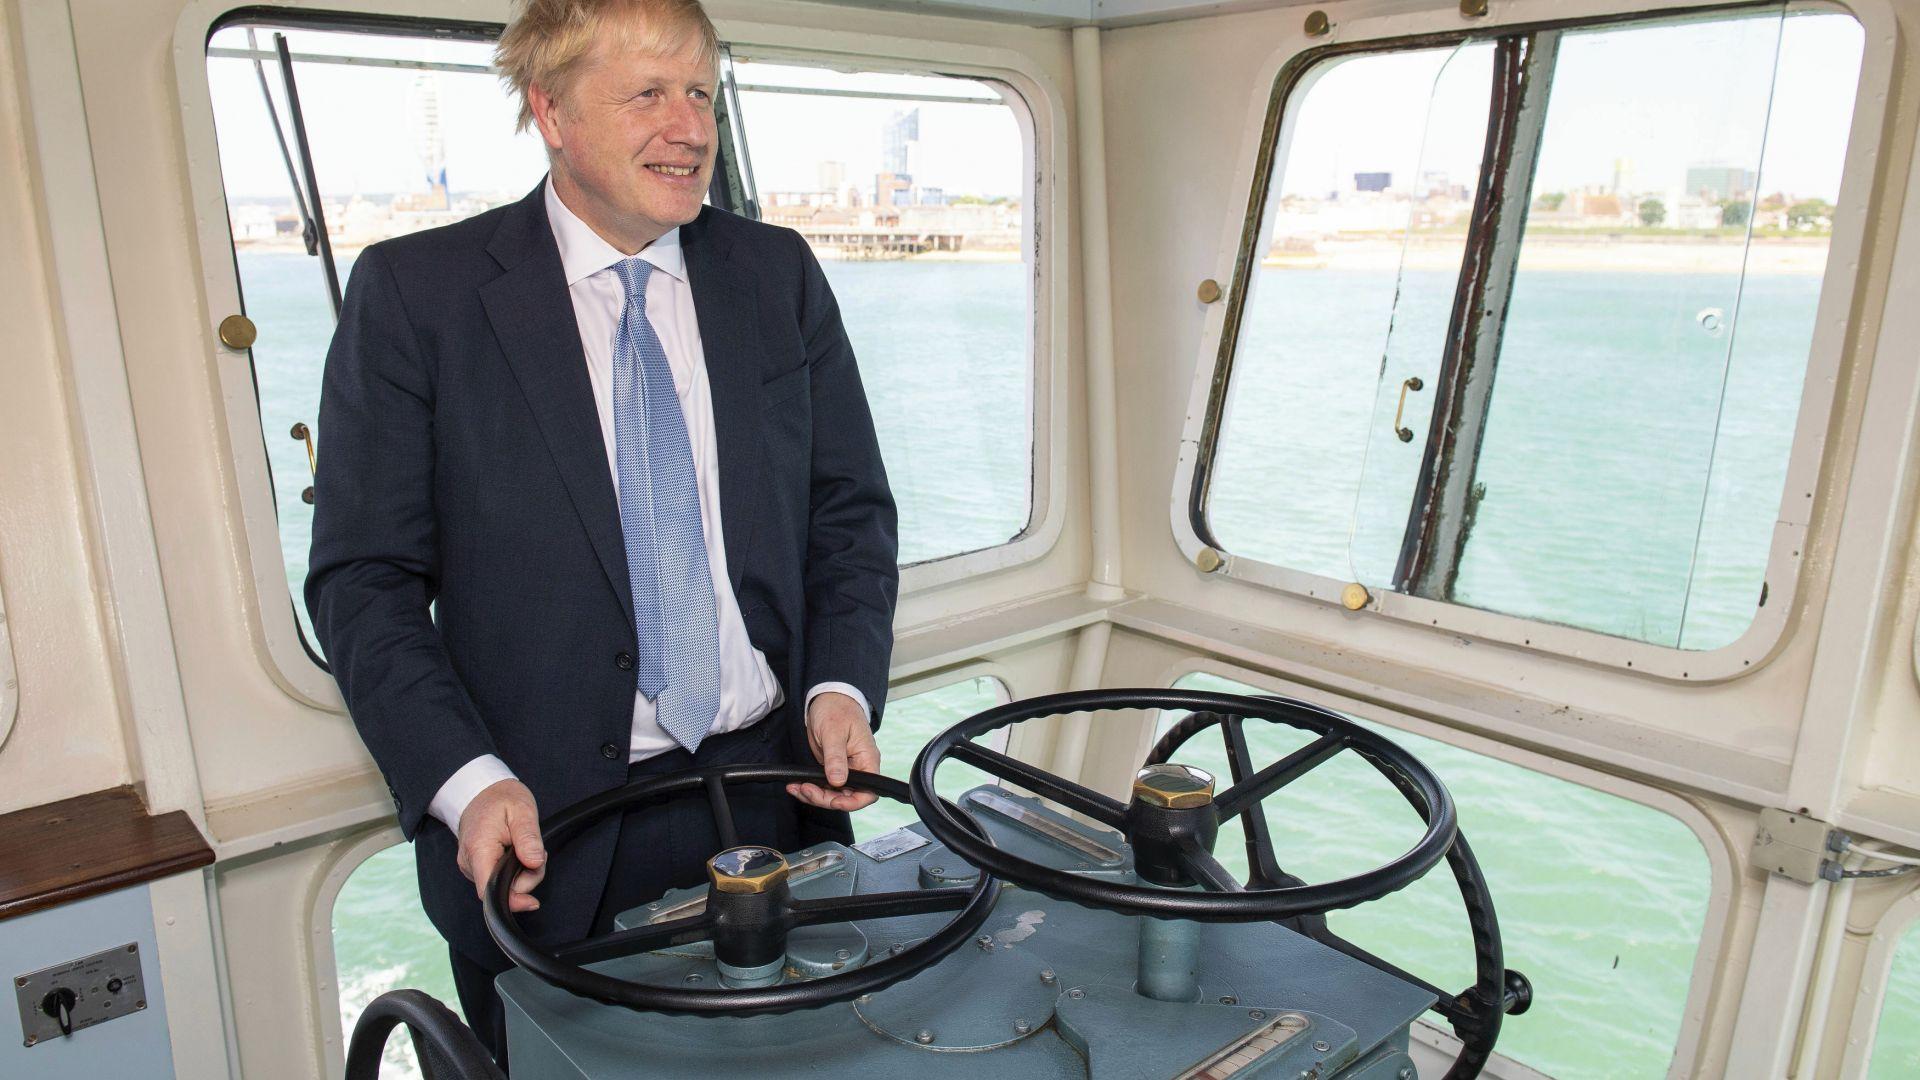 Като премиер Борис Джонсън би вземал нисколихвени кредити за големи инфраструктурни проекти